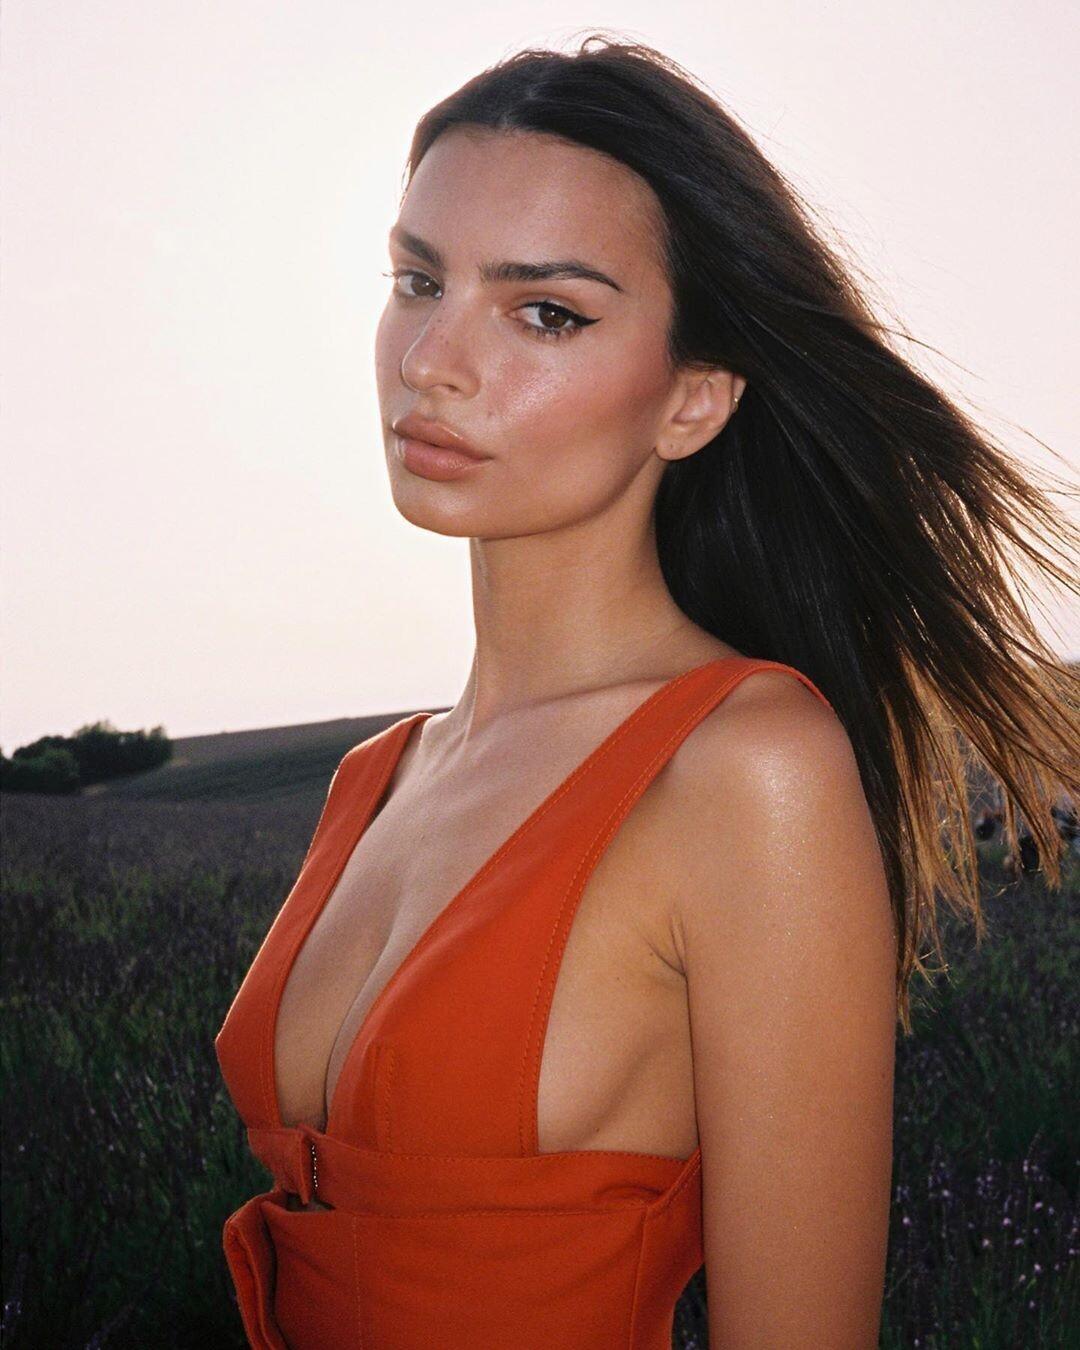 Emily-Ratajkowski-Sexy-by-Emanuele-DAngelo-1